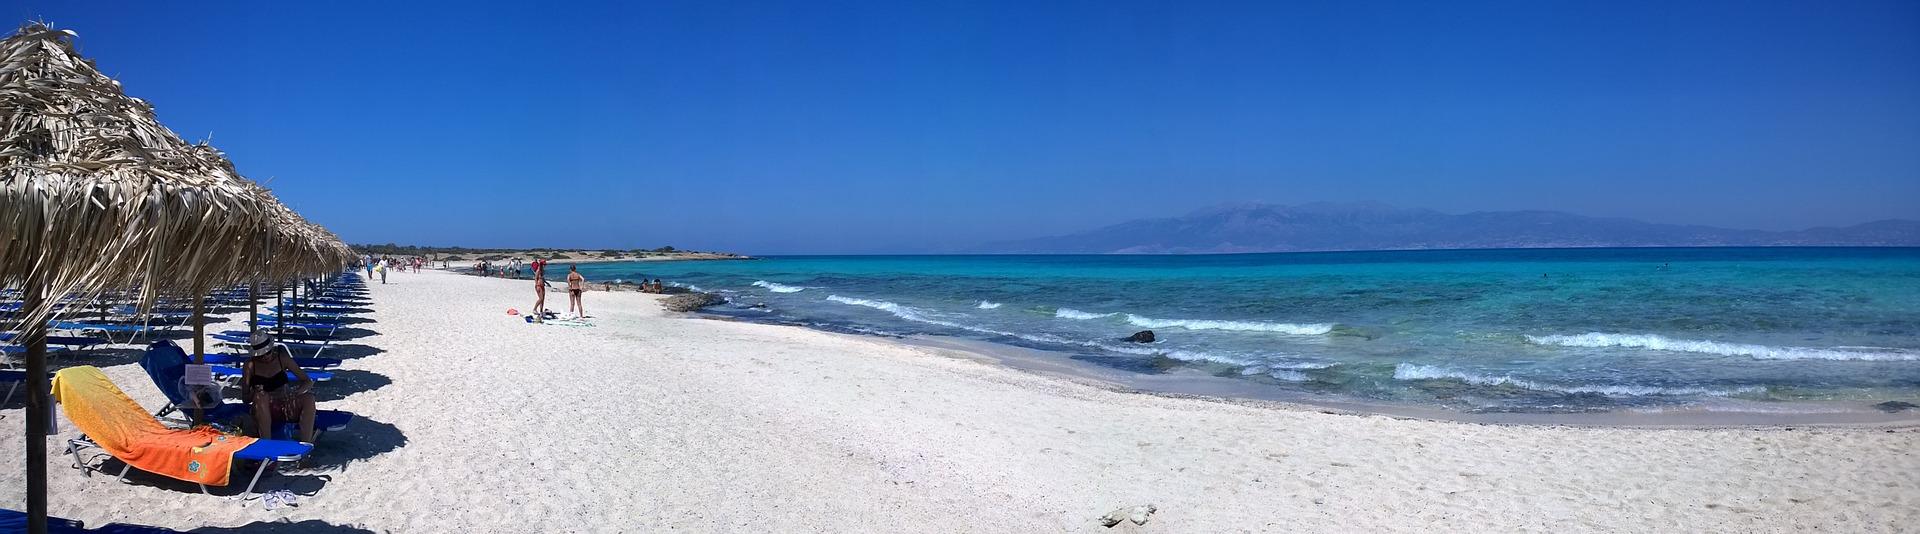 Wo liegt der beste Strand auf Kreta und wo sind schöne Wanderwege